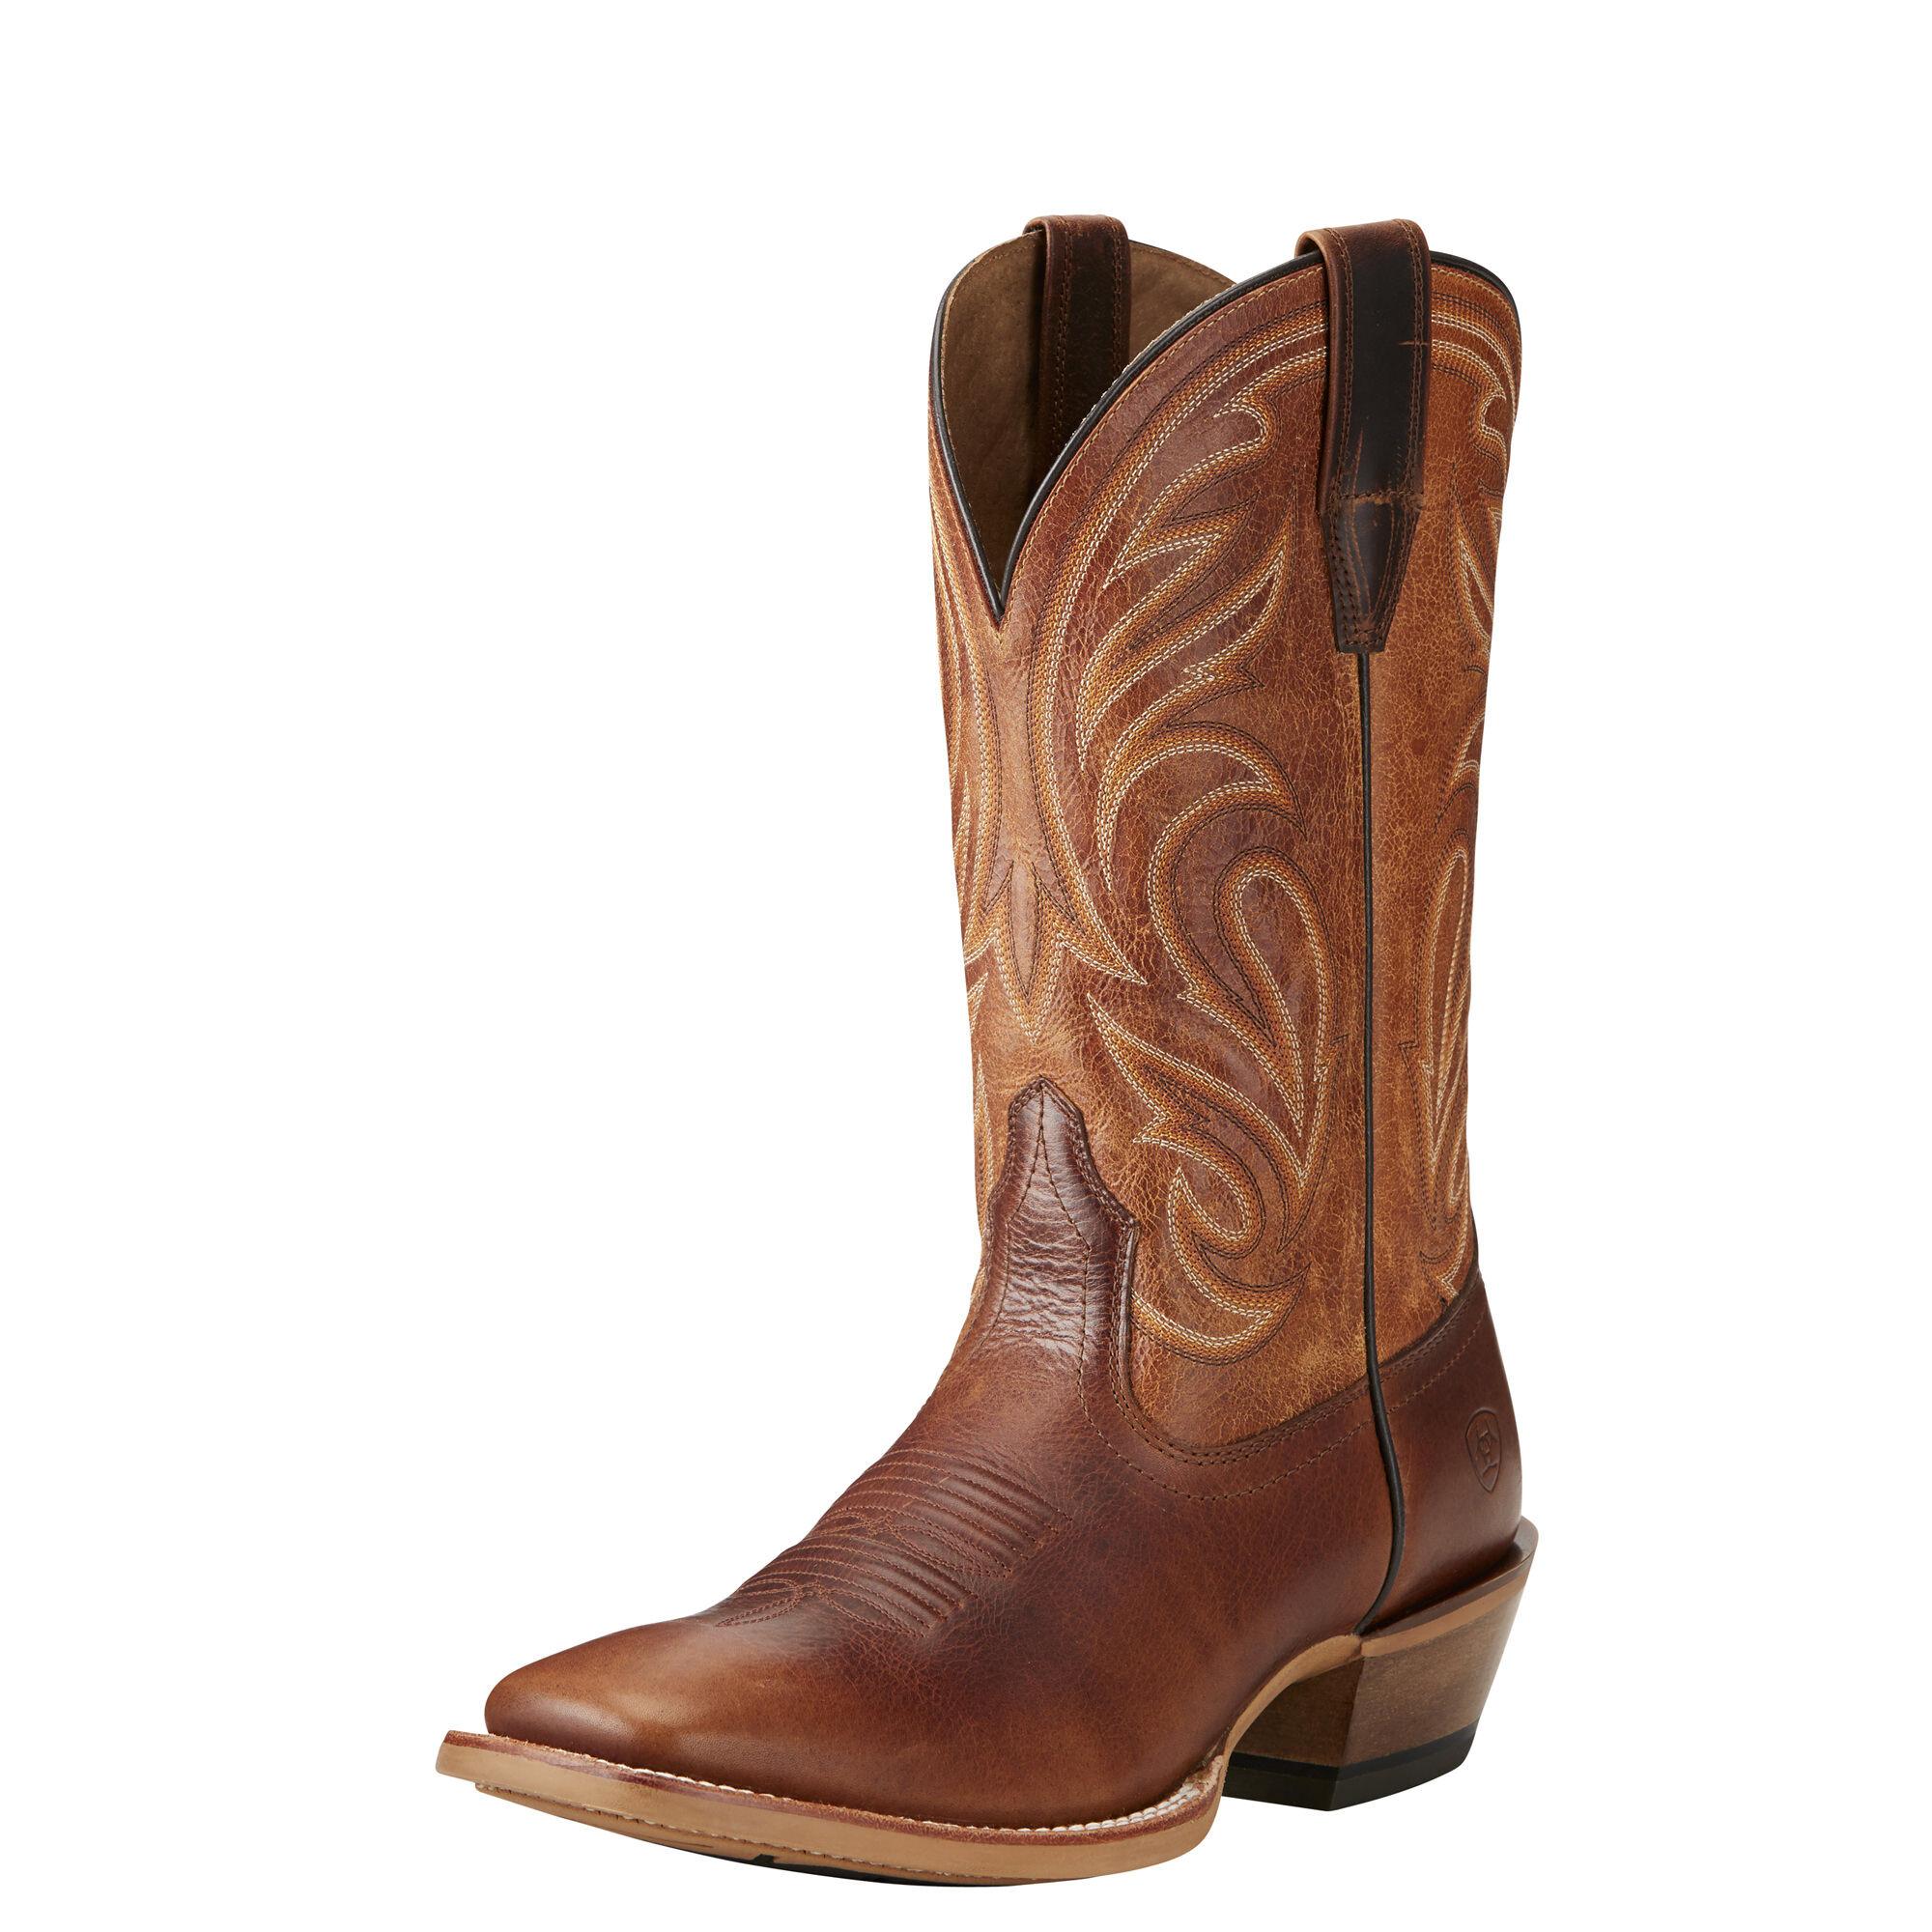 Fire Creek Western Boot